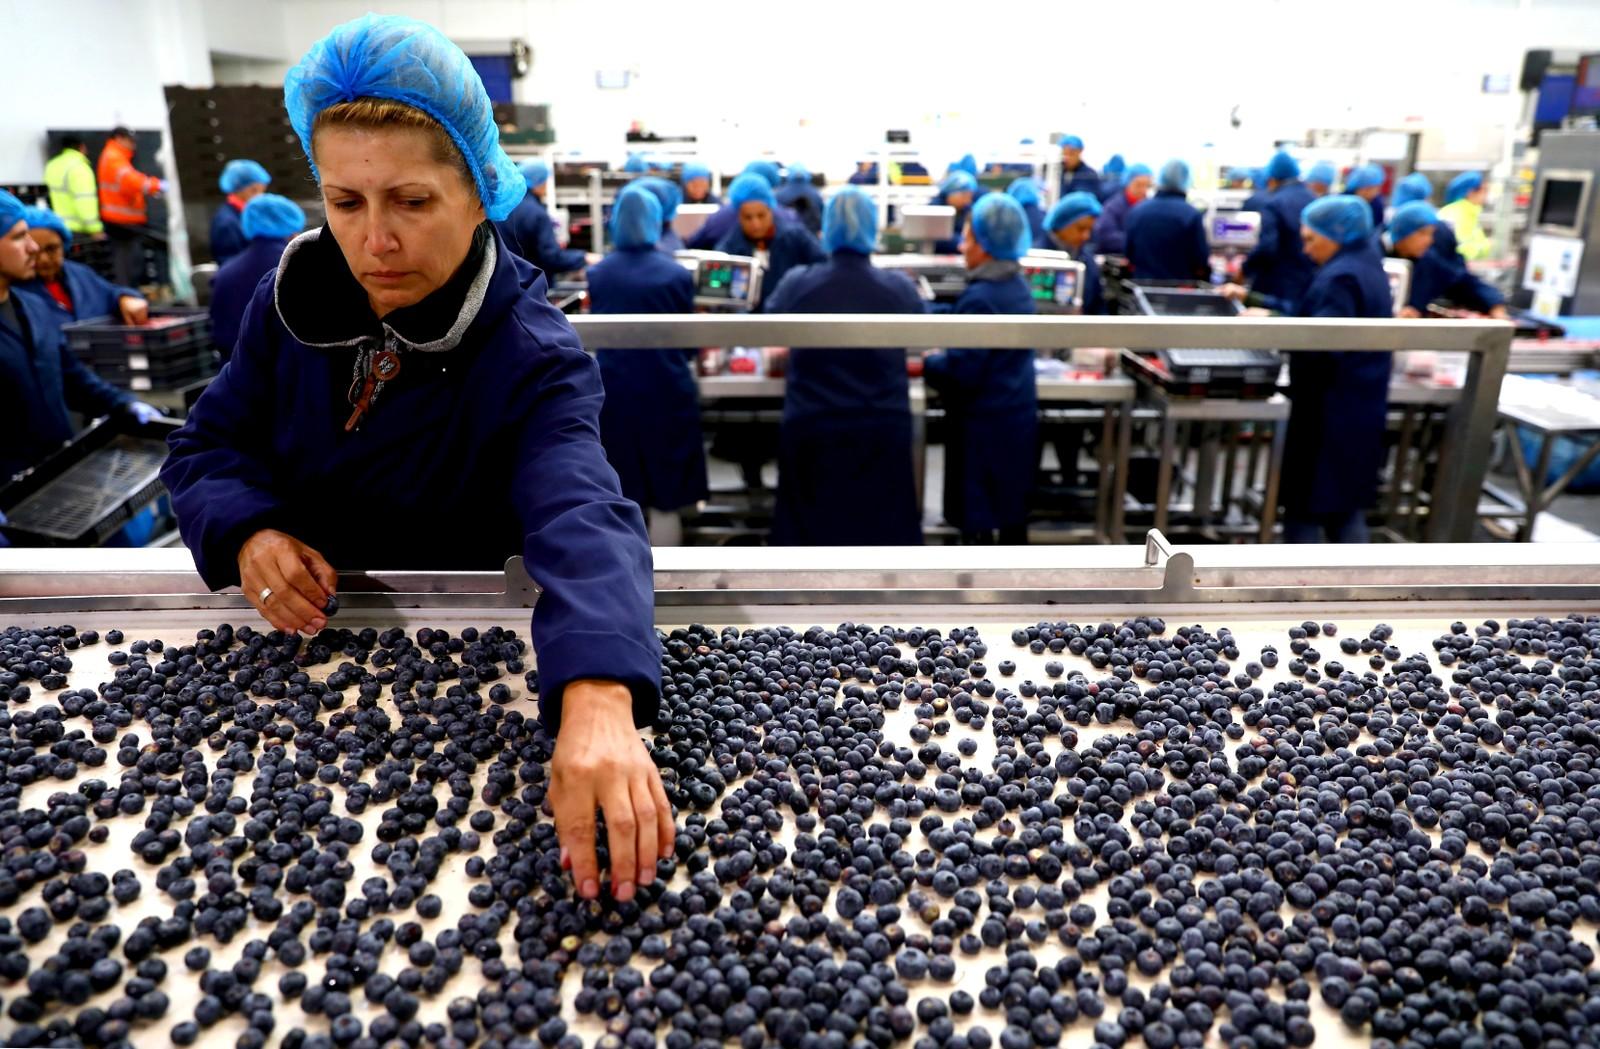 Det er bare blåbær. Her sjekker hun kvaliteten på bærene på en gård i Kent i England.